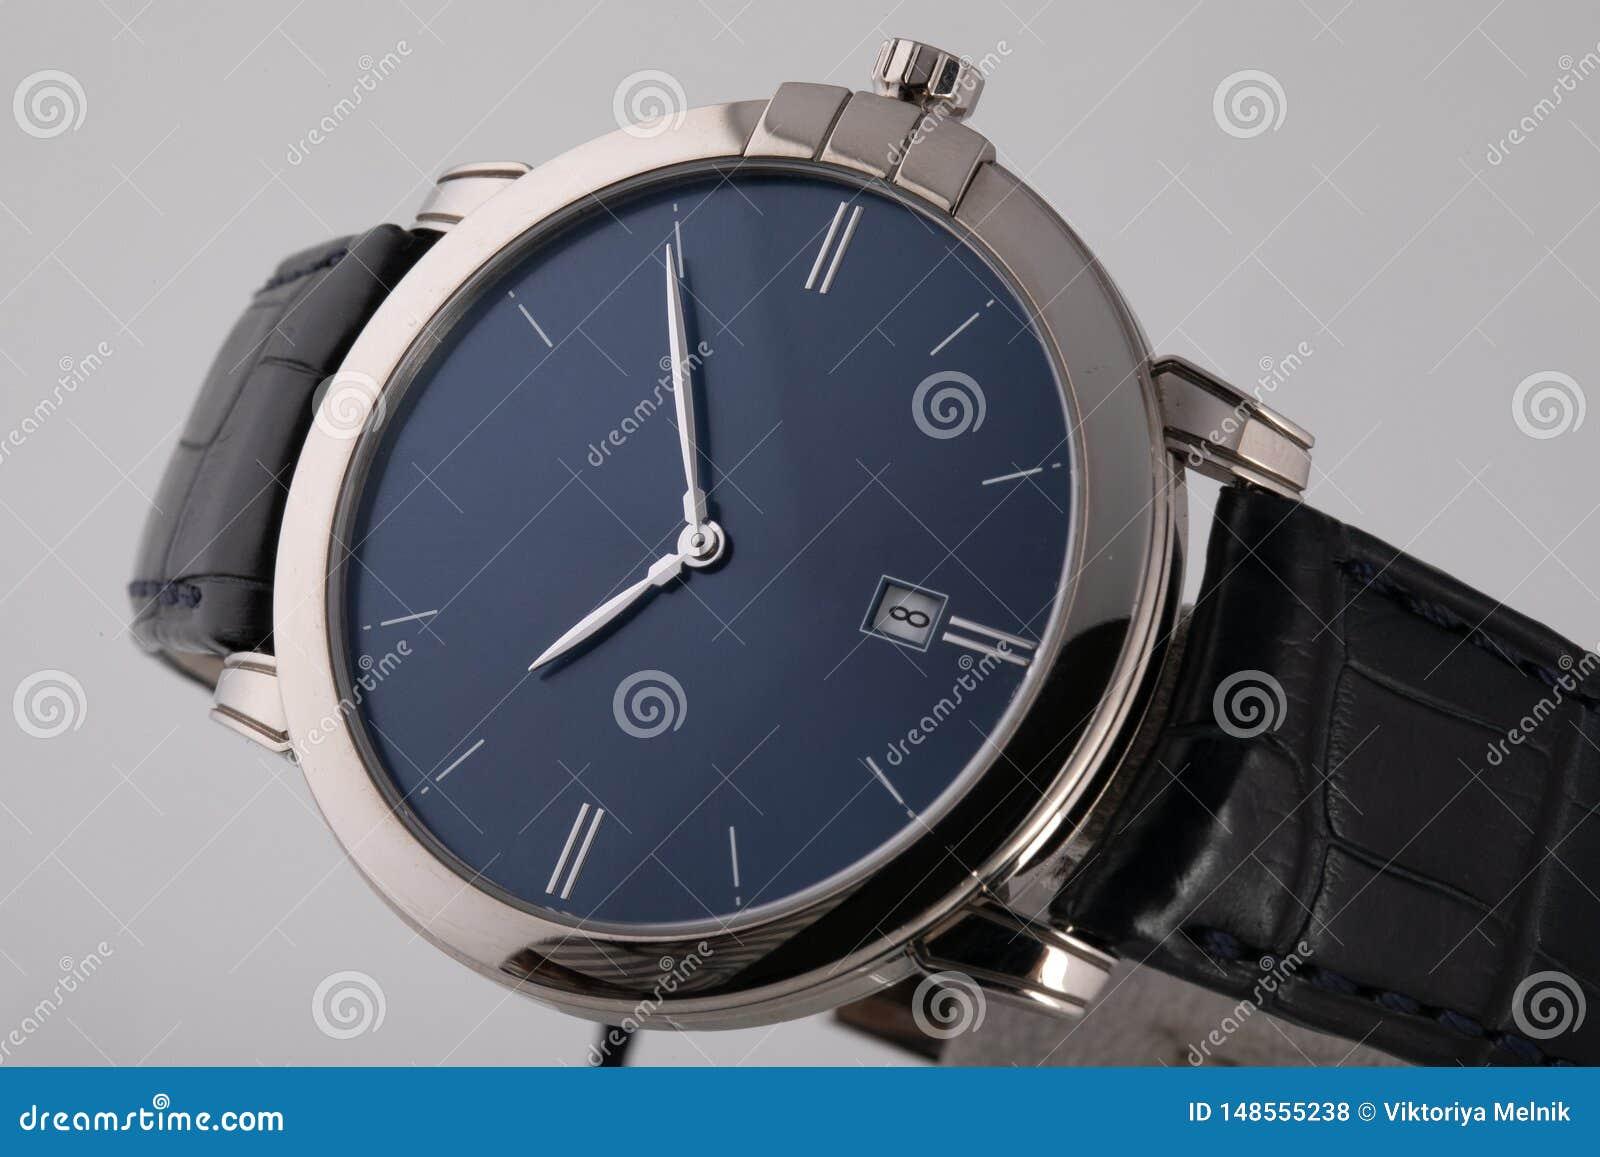 Srebny wristwatch z błękitną tarczą, osrebrza clockwise, chronograf na czarnej rzemiennej patce na białym tle